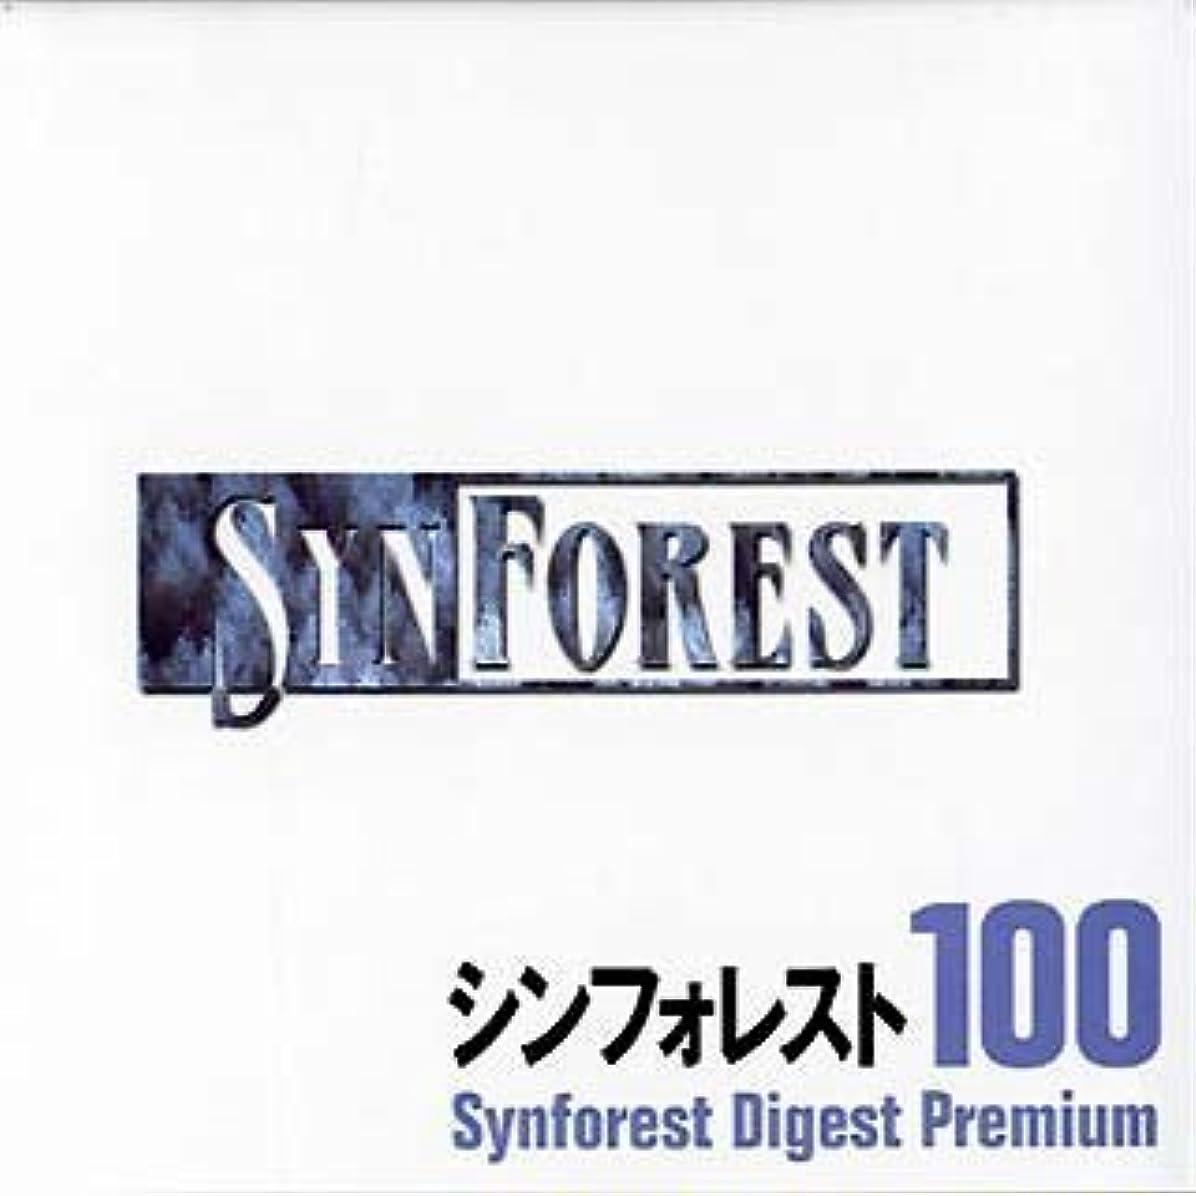 ドライバメロン病気シンフォレスト 100 Synforest Digest Premium